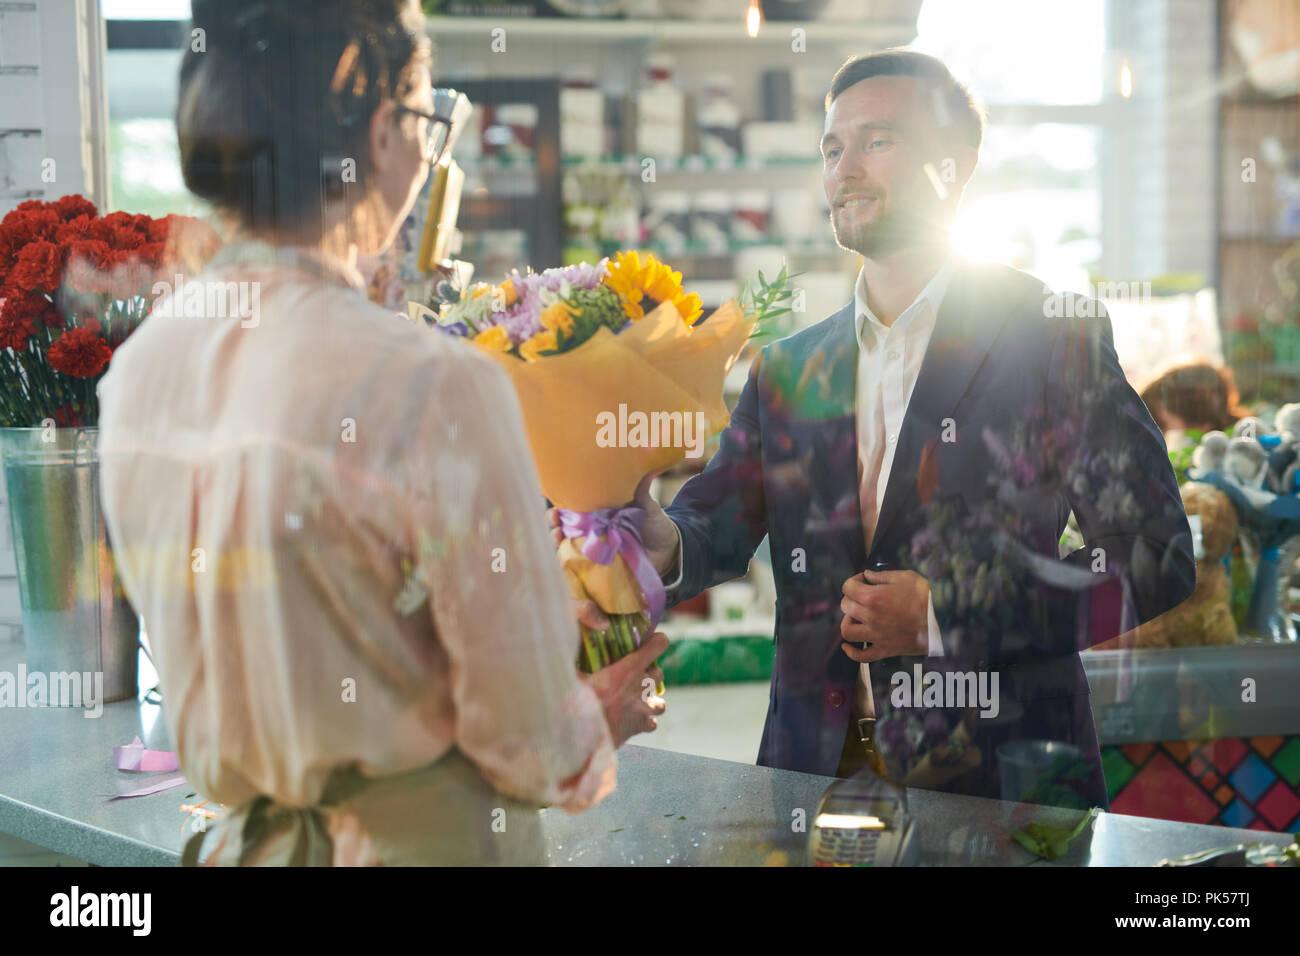 Monsieur l'achat des fleurs Photo Stock